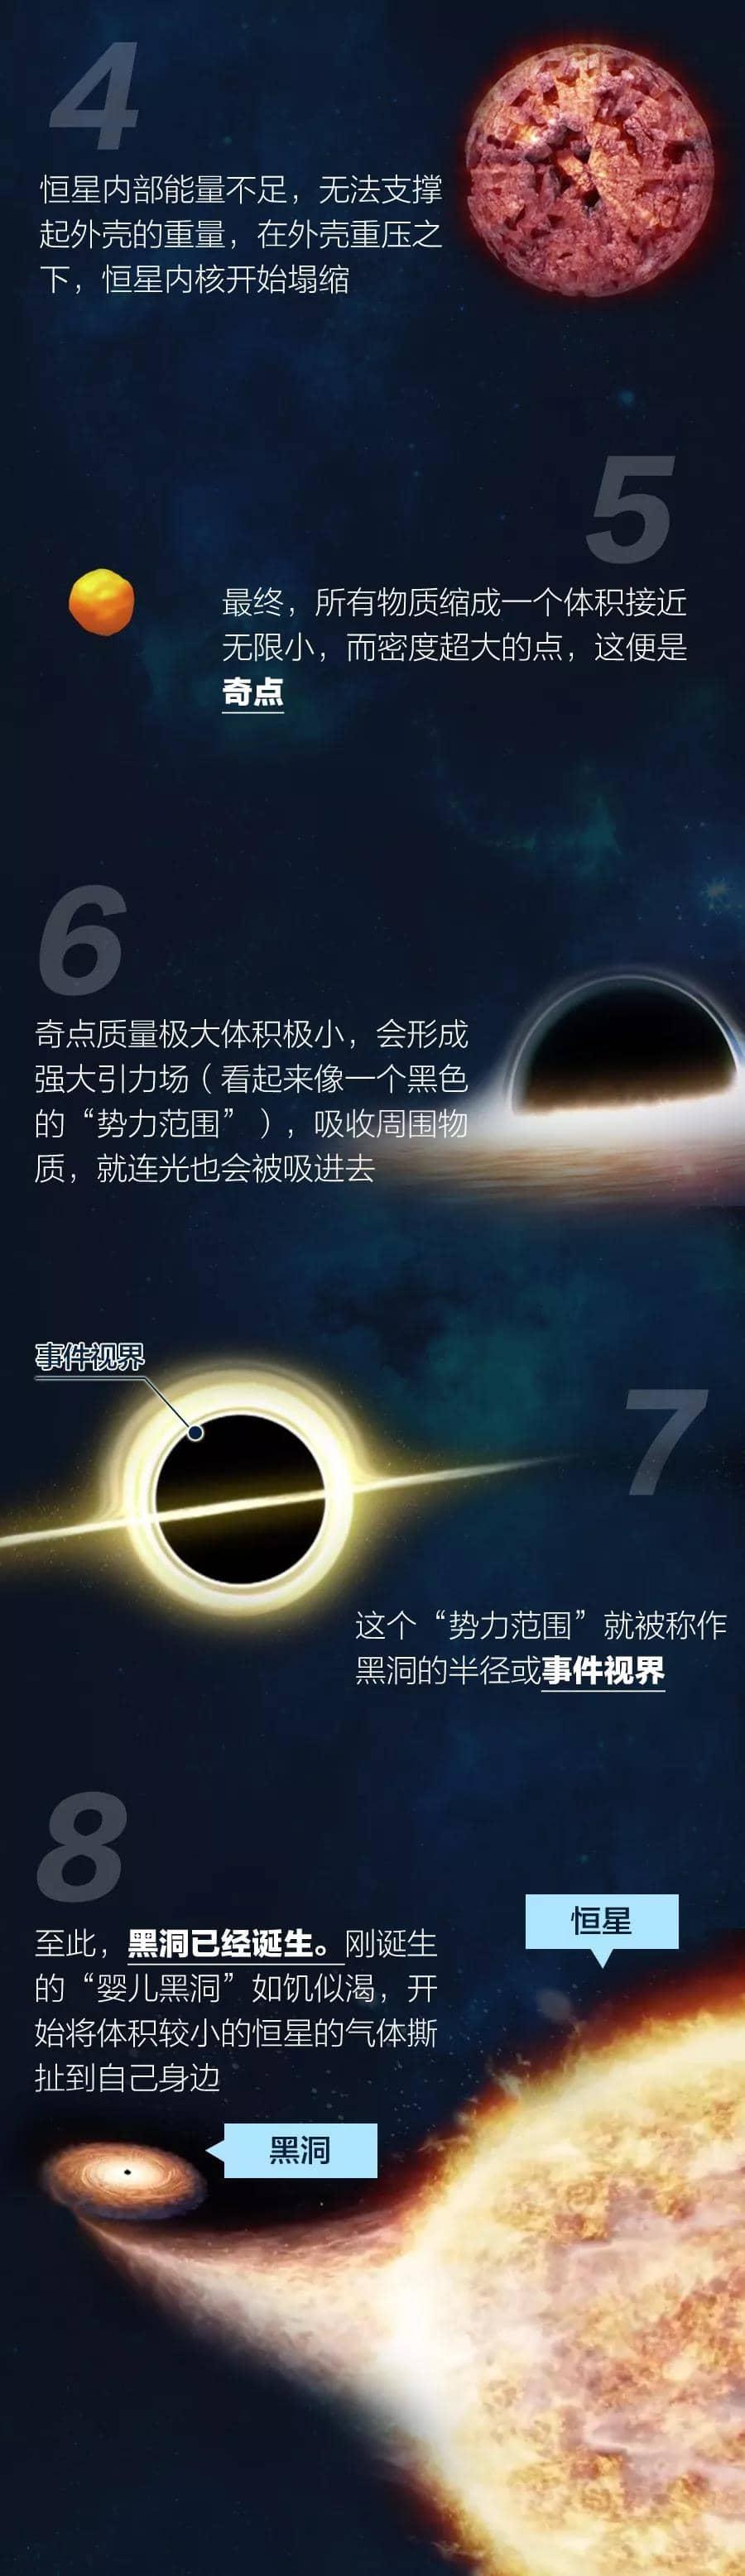 今晚9点黑洞3